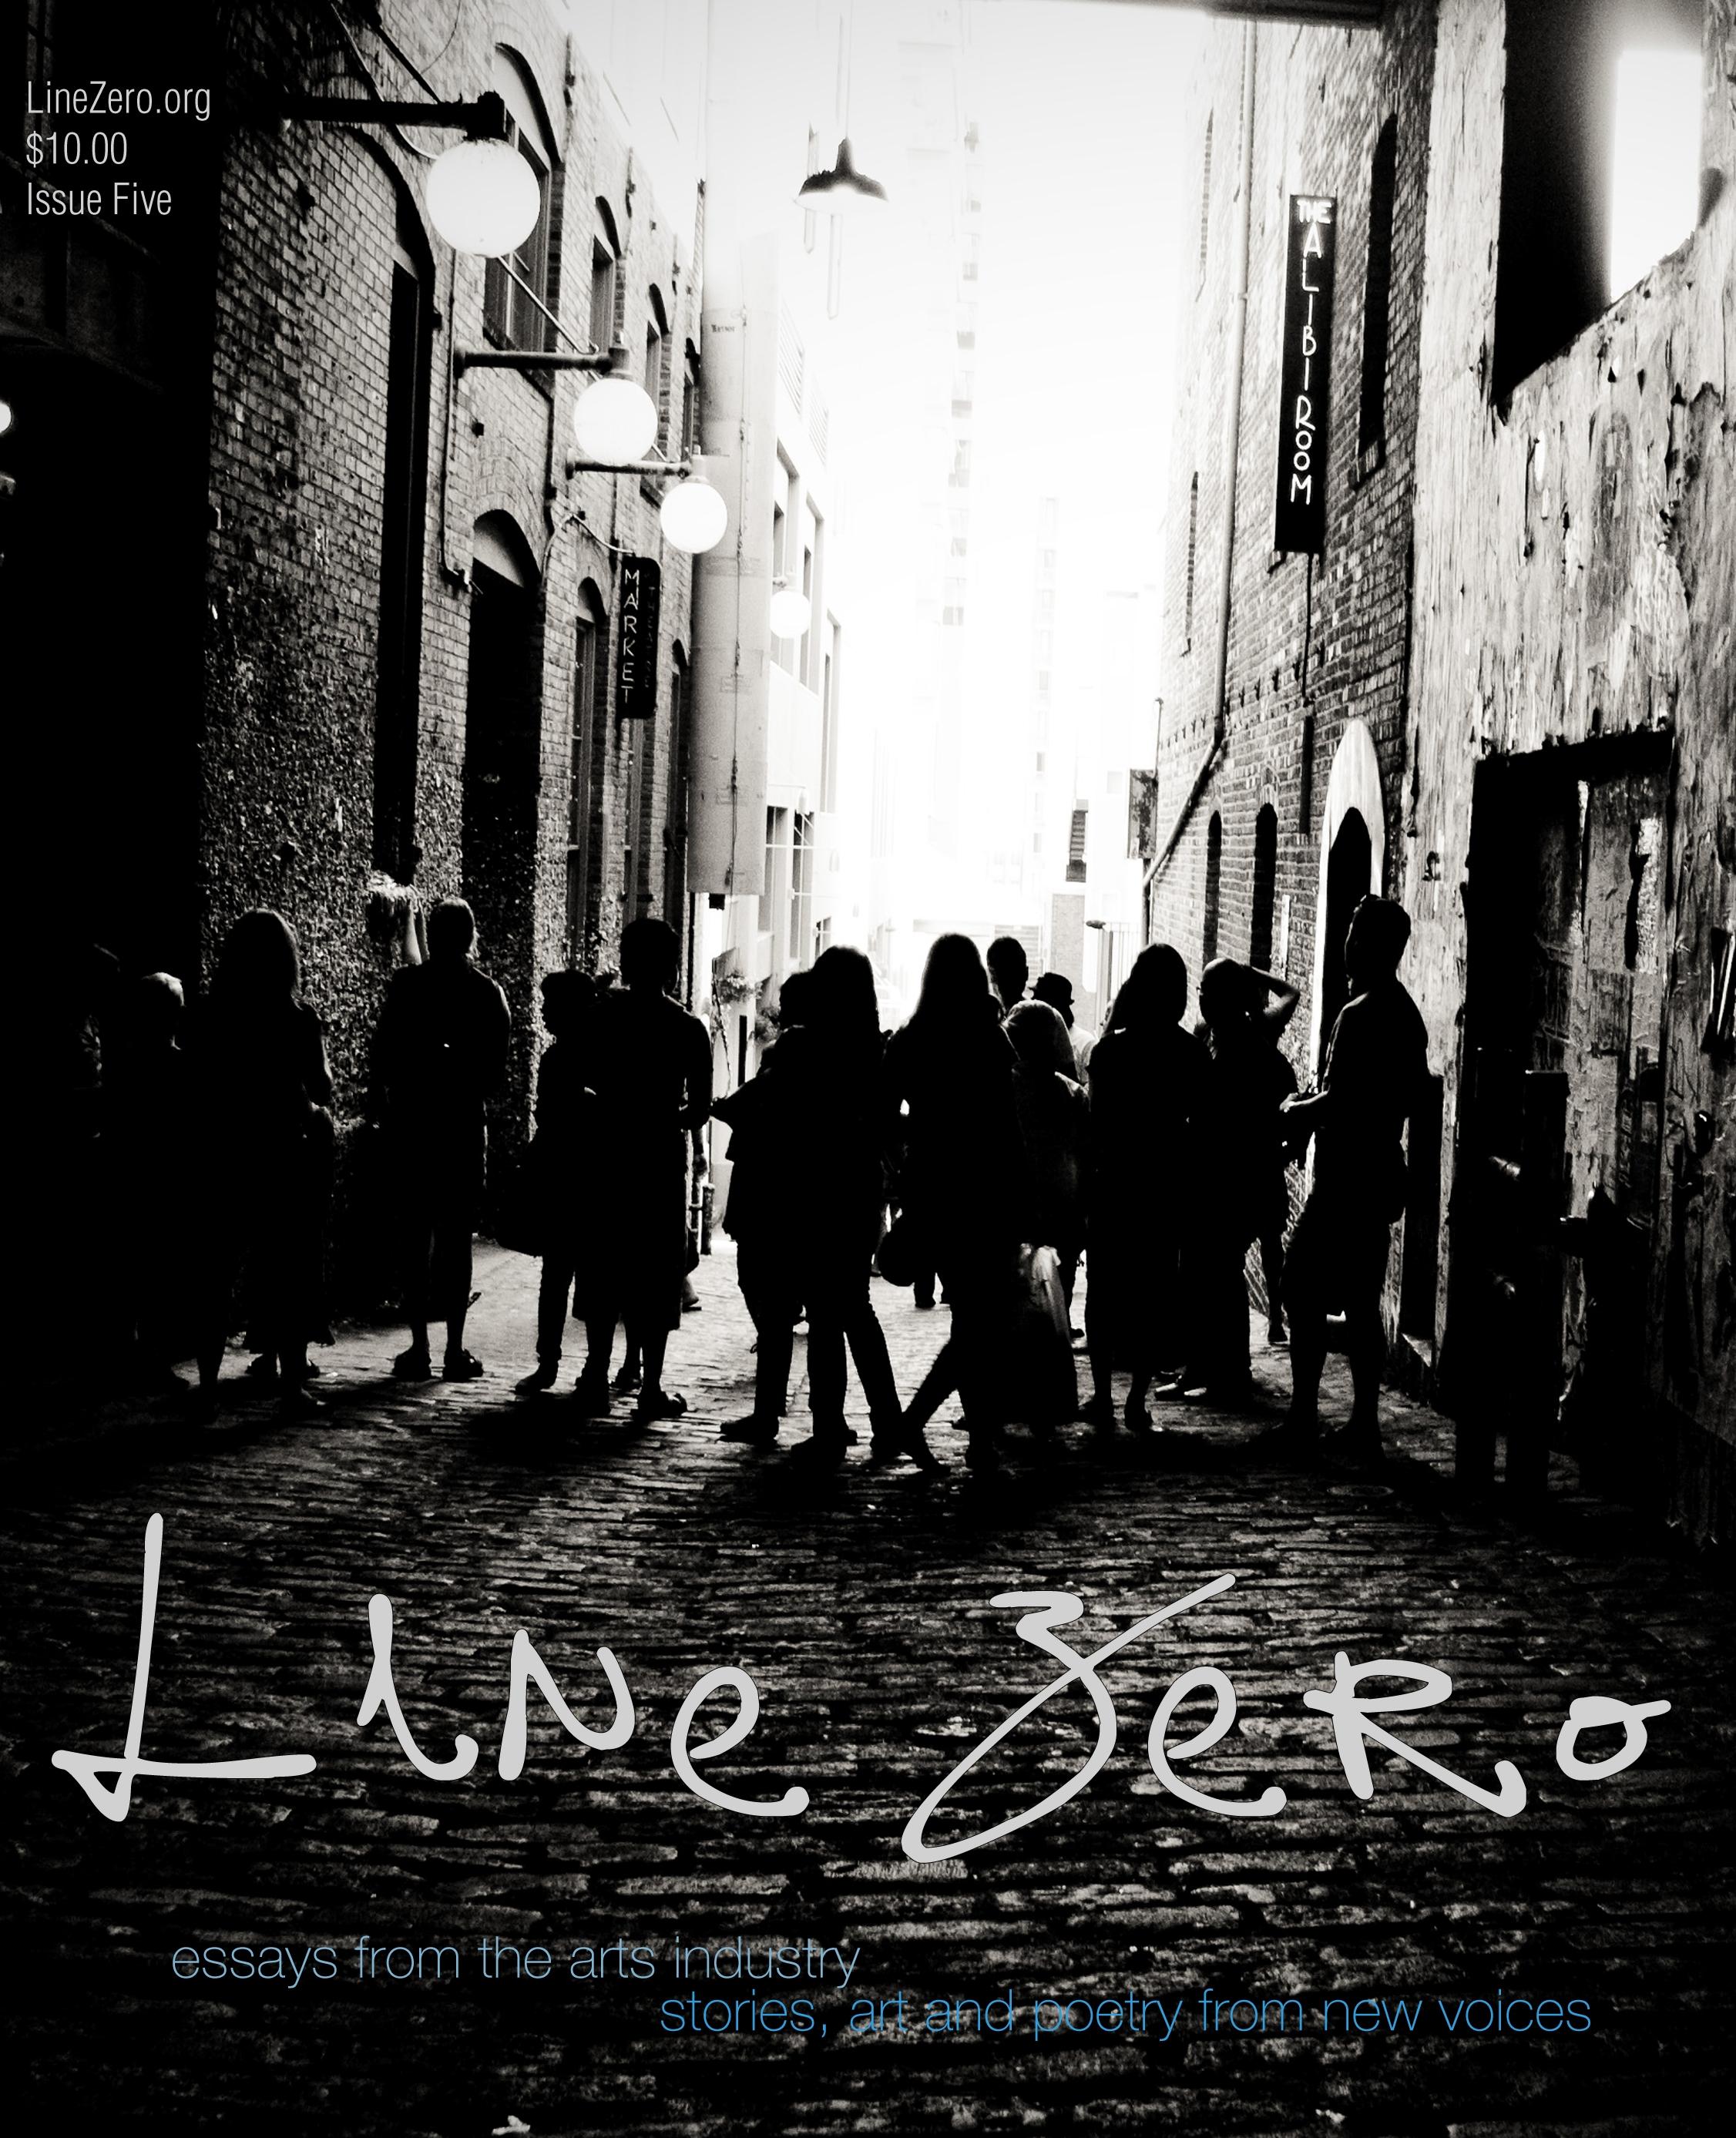 Line Zero, volume 2, issue 1